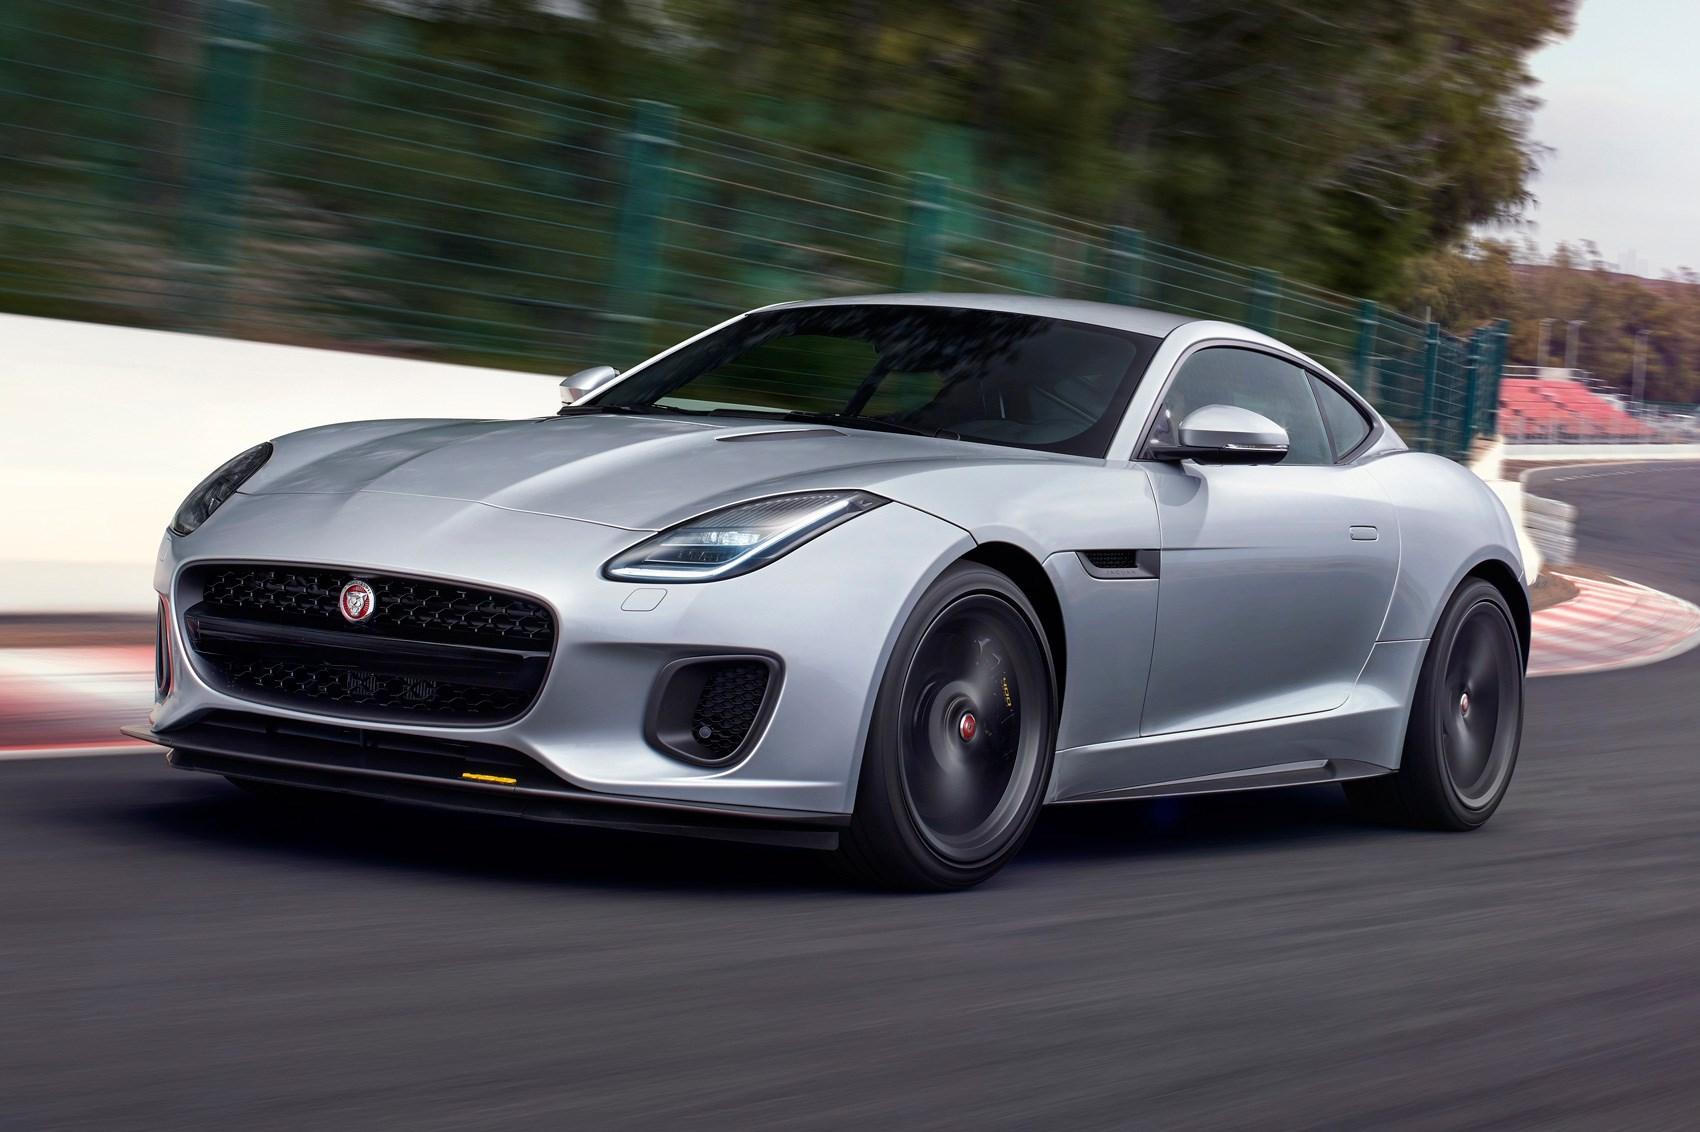 2020 jaguar f-type sdn 2